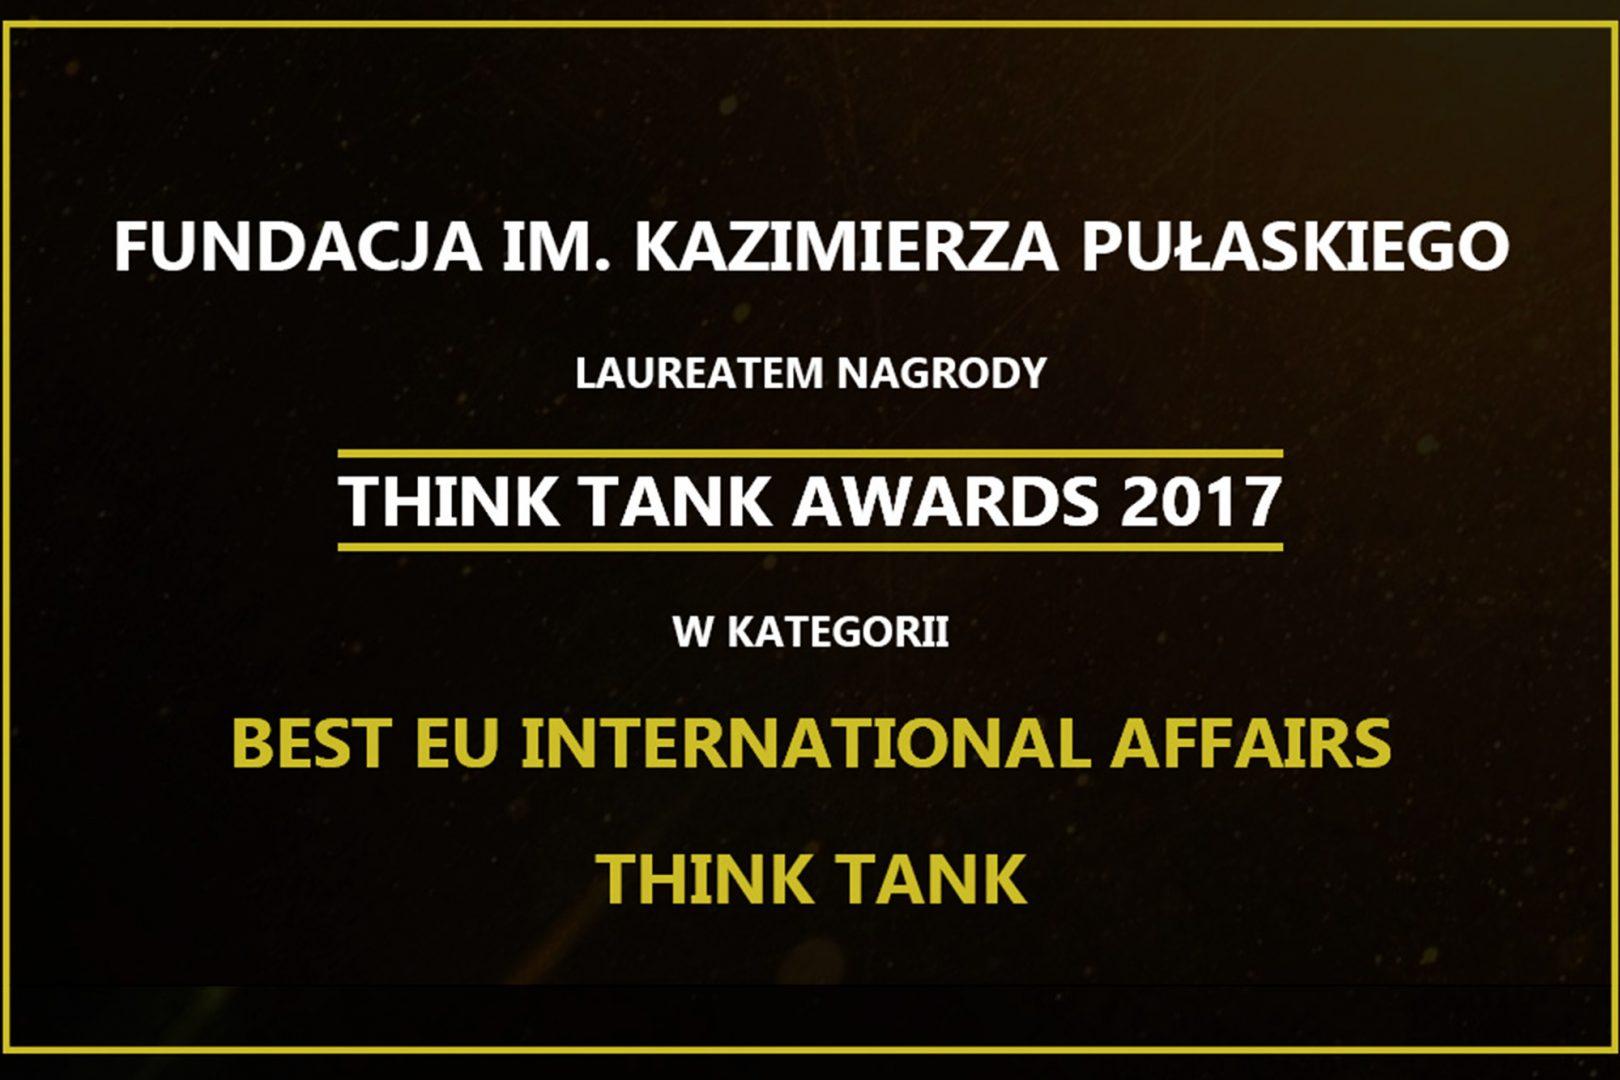 Fundacja Pułaskiego uznana najlepszym think tankiem wzakresie spraw międzynarodowych wUnii Europejskiej